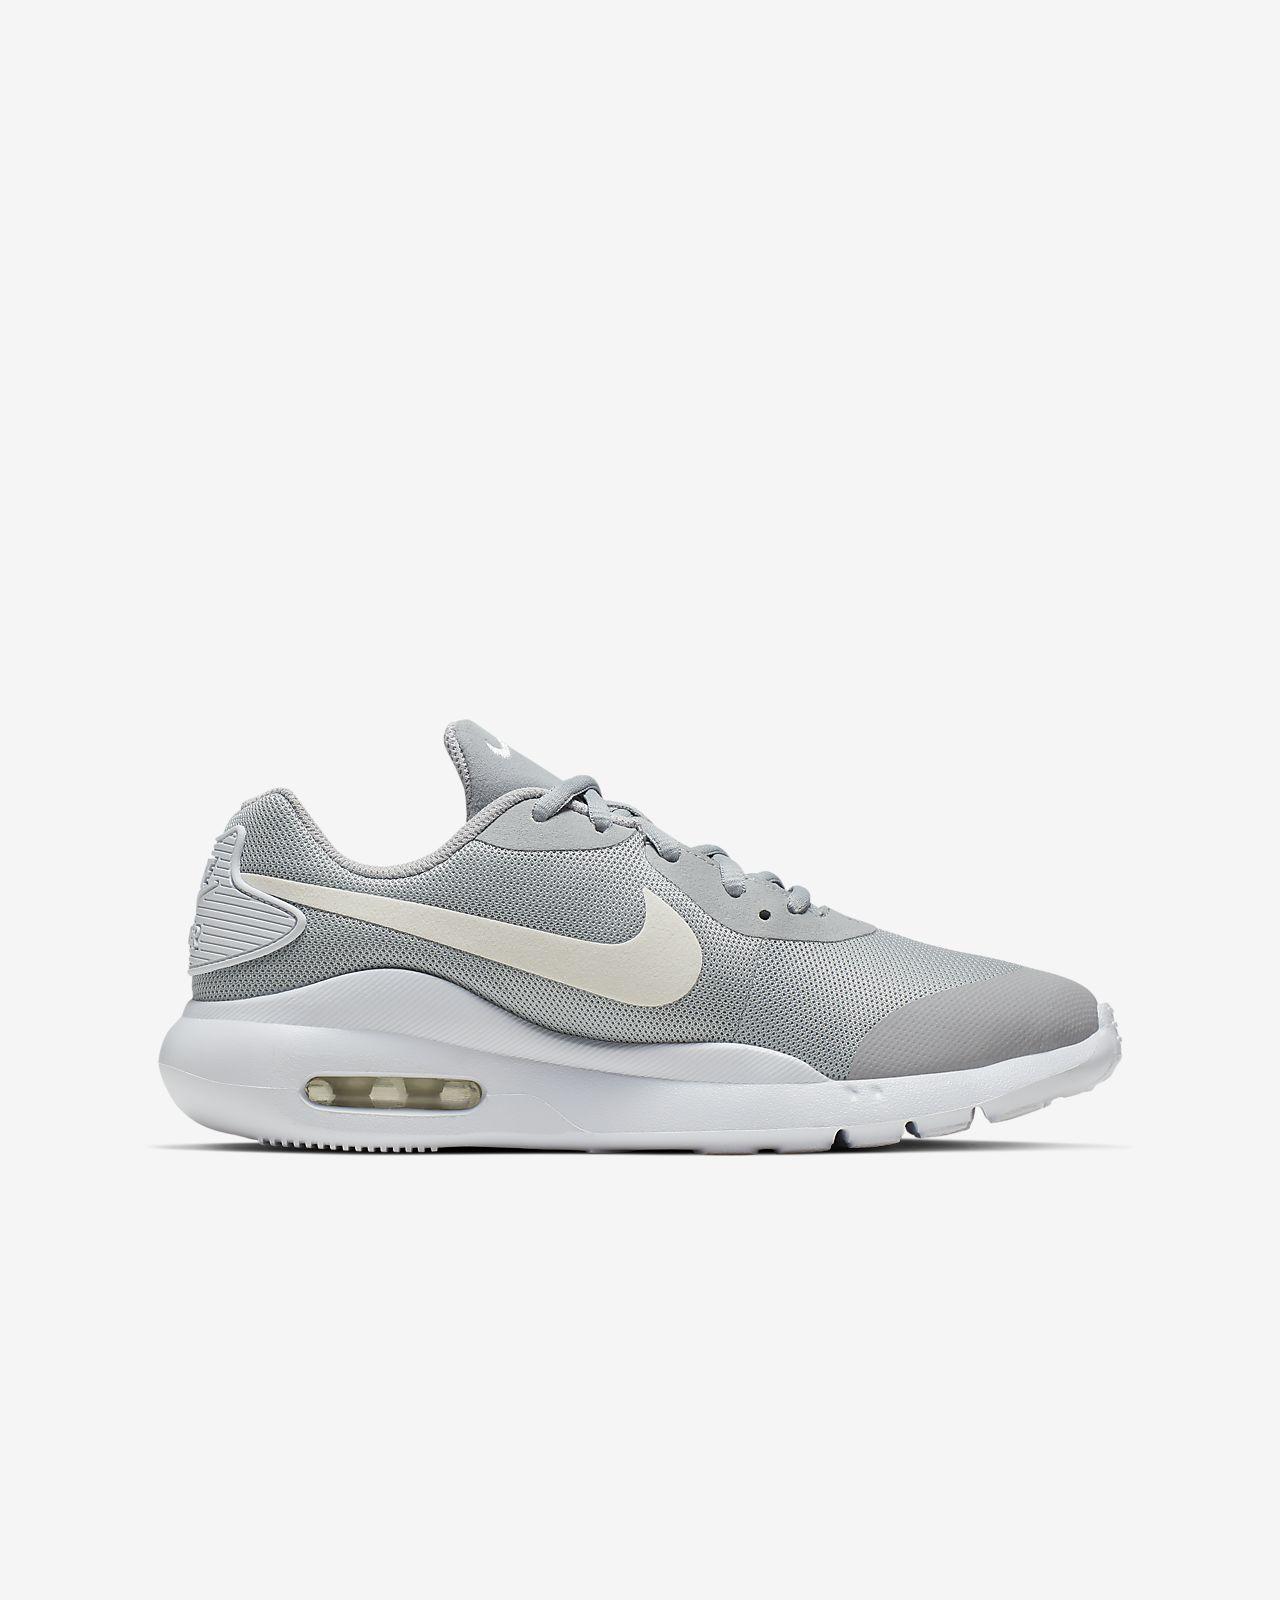 Nike Air Max Oketo Women's Lifestyle Shoes